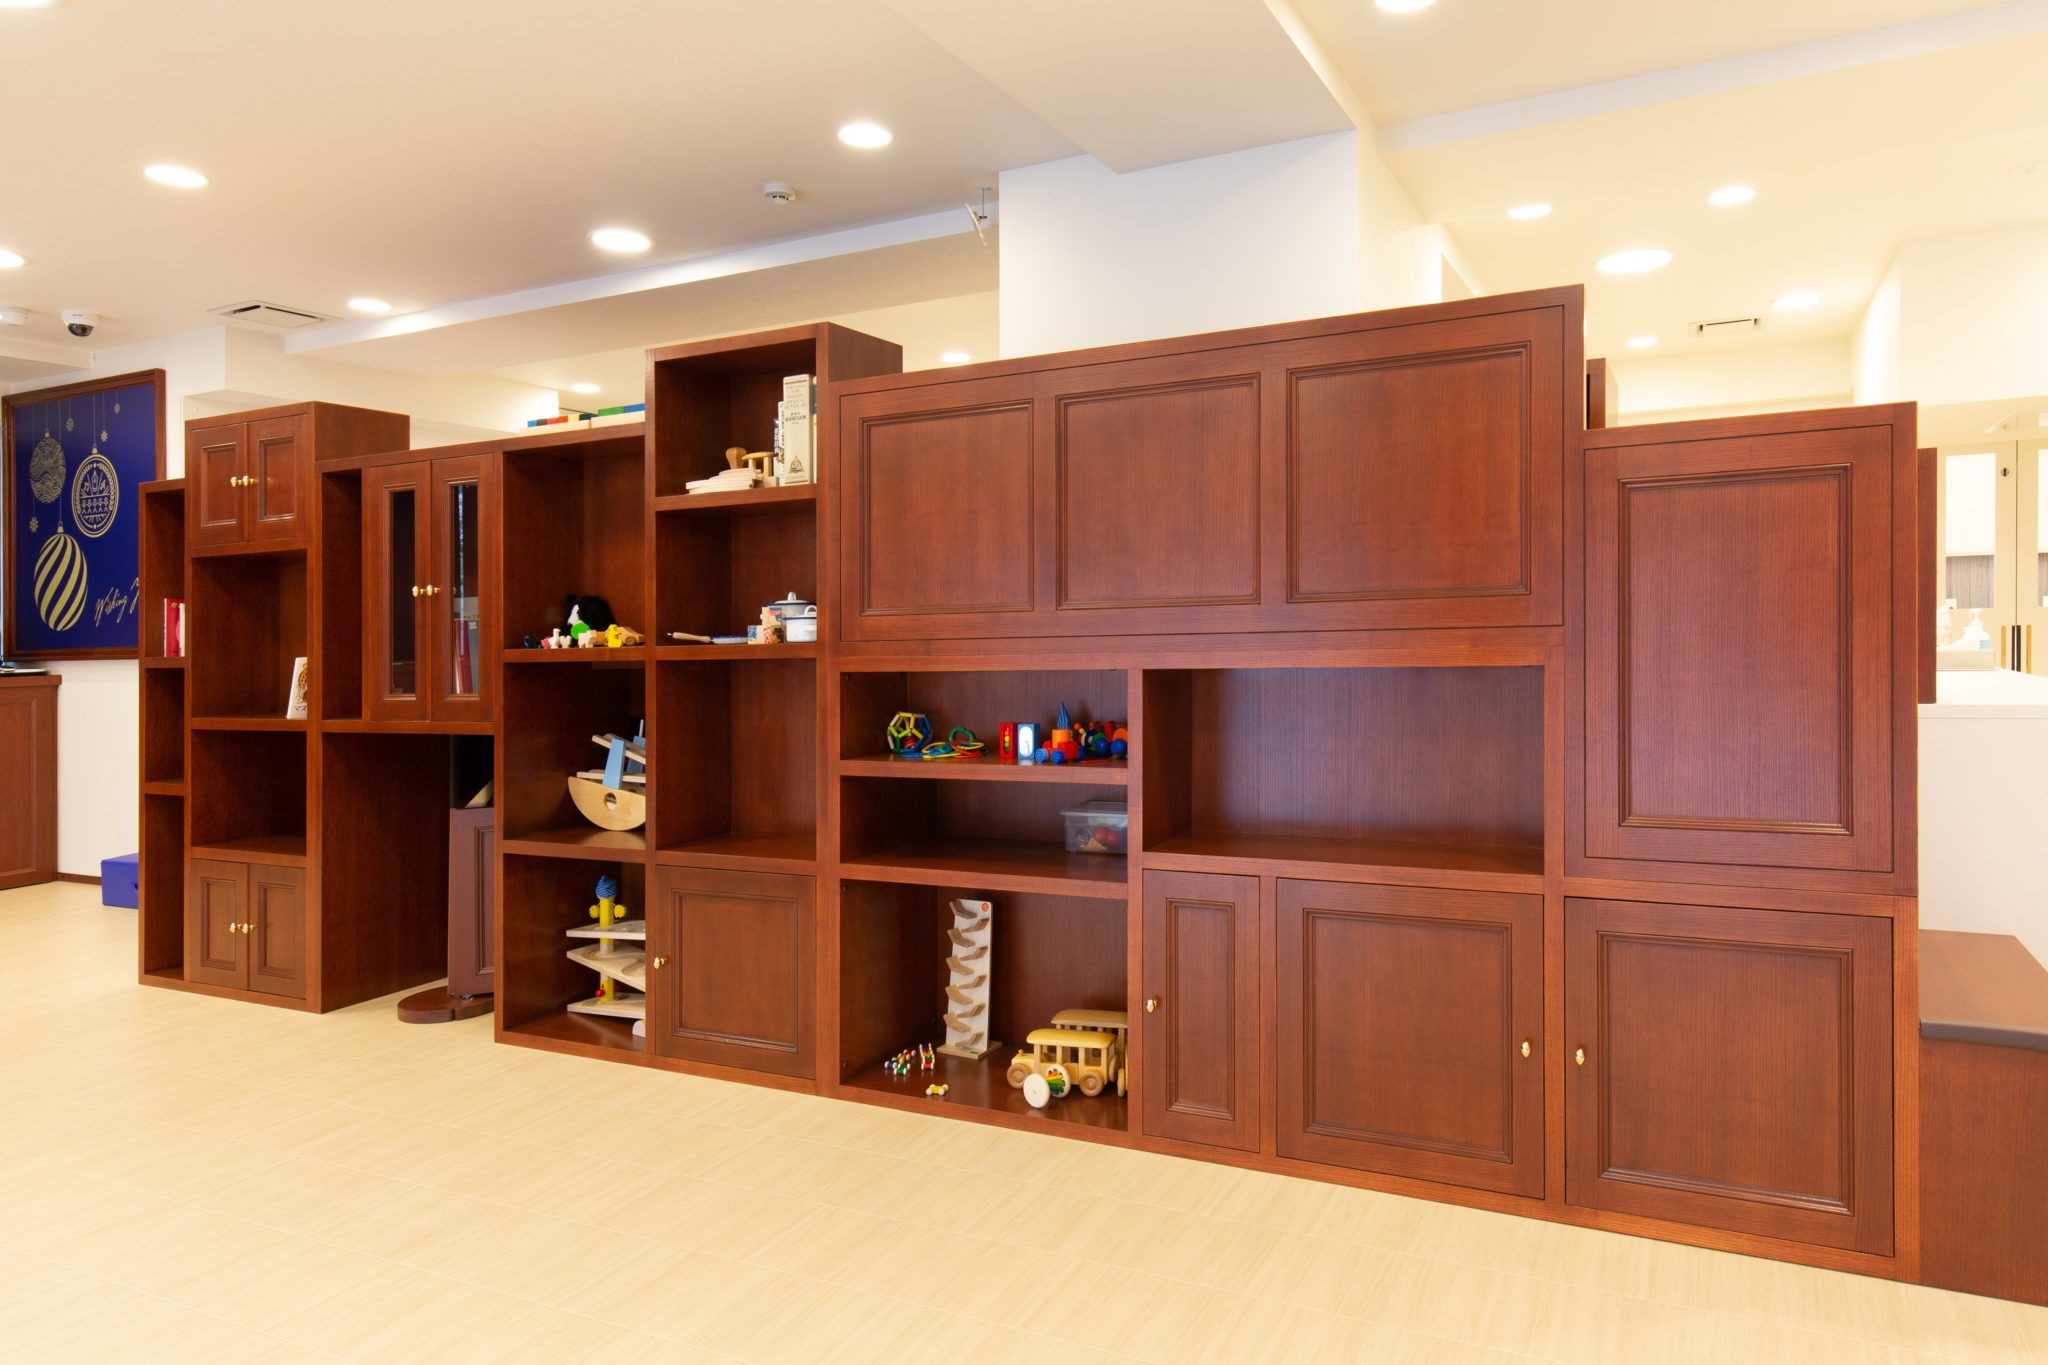 本棚、飾り棚、収納、階段で上に上がれて下にも潜り込める遊具でもある「知恵の塔」